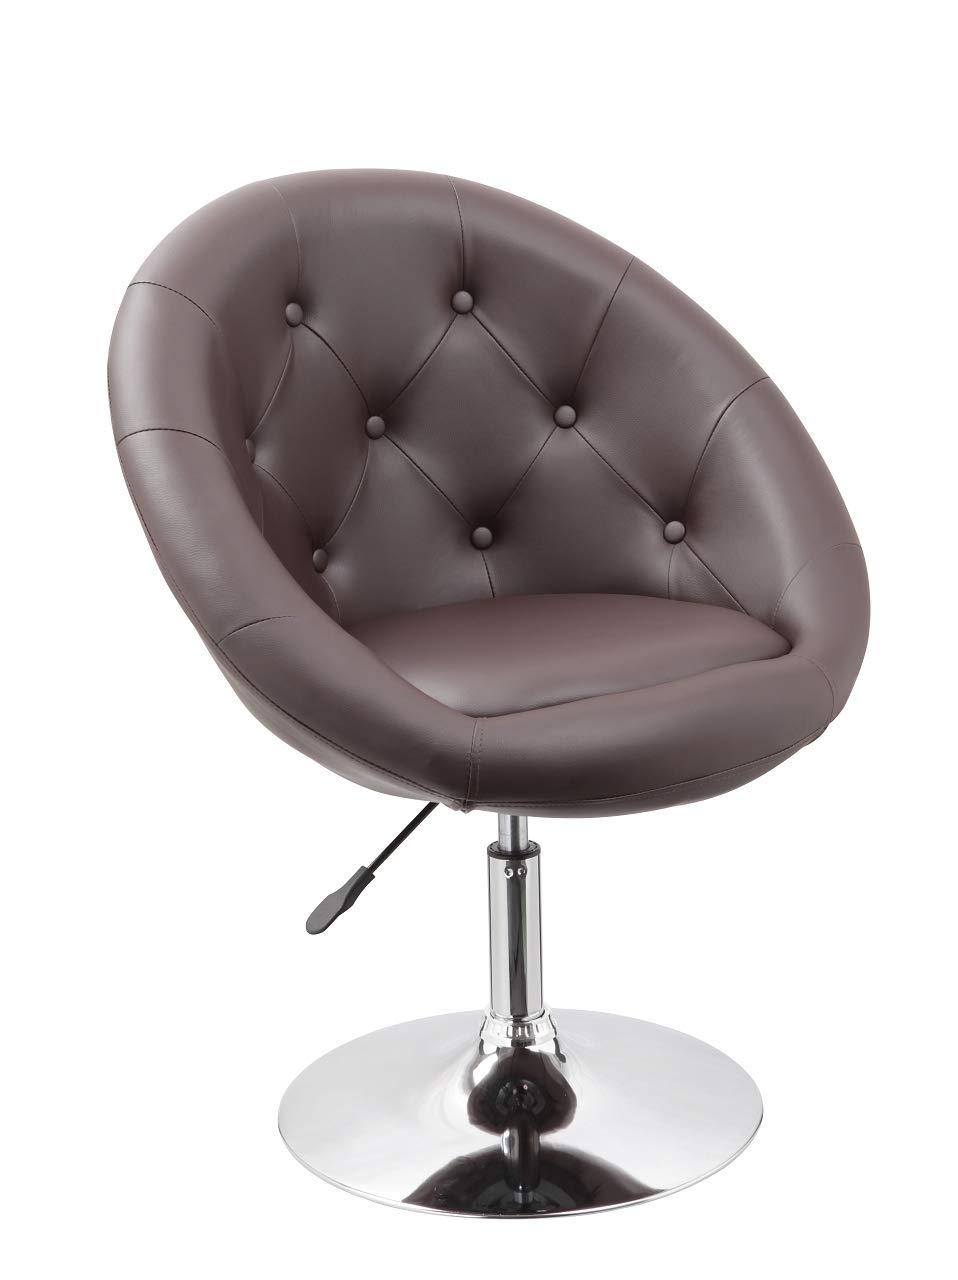 Duhome Poltrona Sedia da Pranzo in Similpelle Bianco Club Sedia Lounge Altezza Regolabile poltroncina Colore Selezione 509A